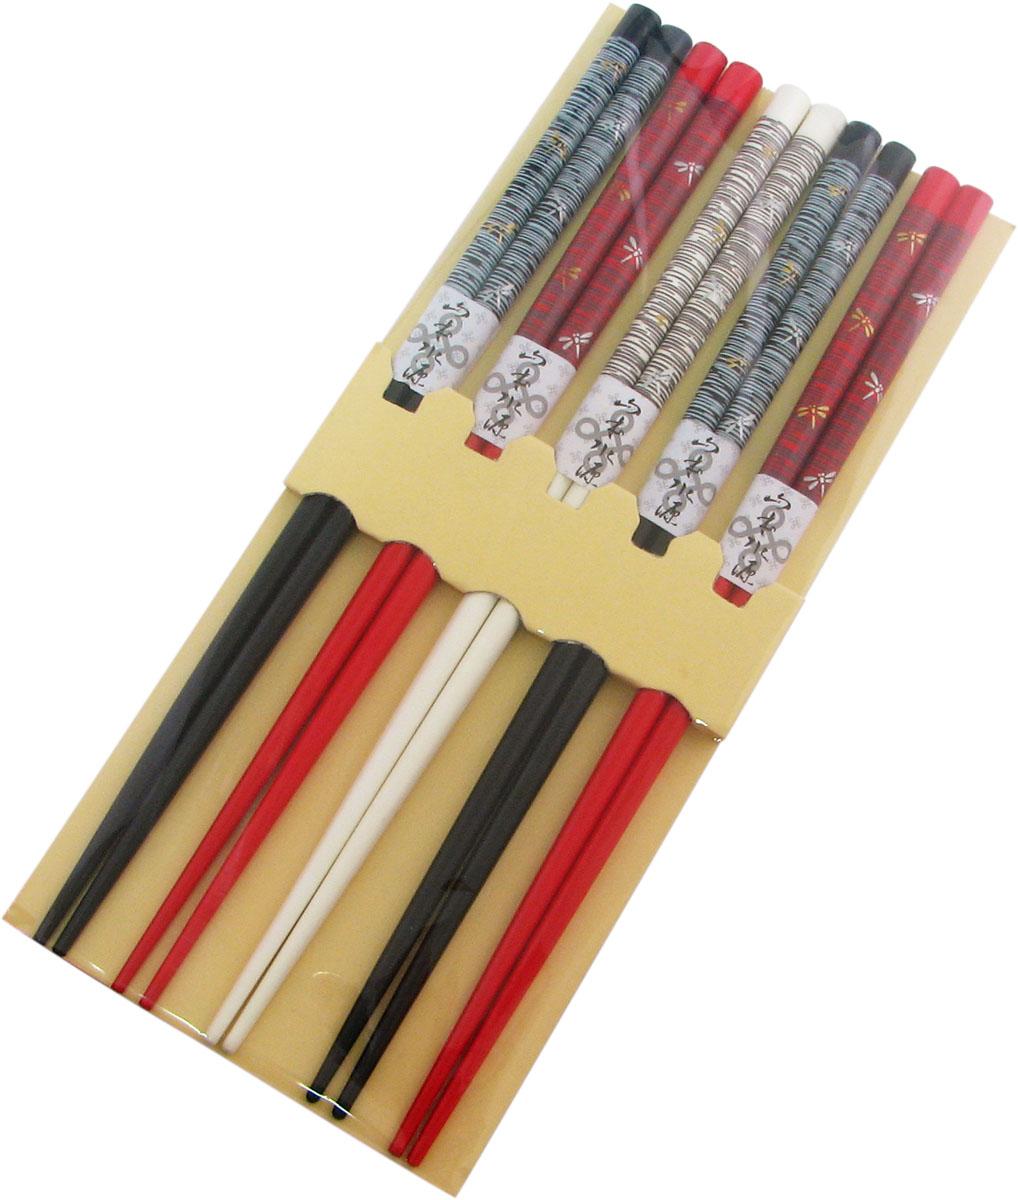 Палочки бамбуковые, цвет: белый, красный, черный, 10 шт40354Набор, выполненный из бамбука, идеален в качестве подарка любителям восточной кухни. В комплекте 5 наборов палочек. Данный набор идеально подойдет для грамотной и красивой сервировки стола.